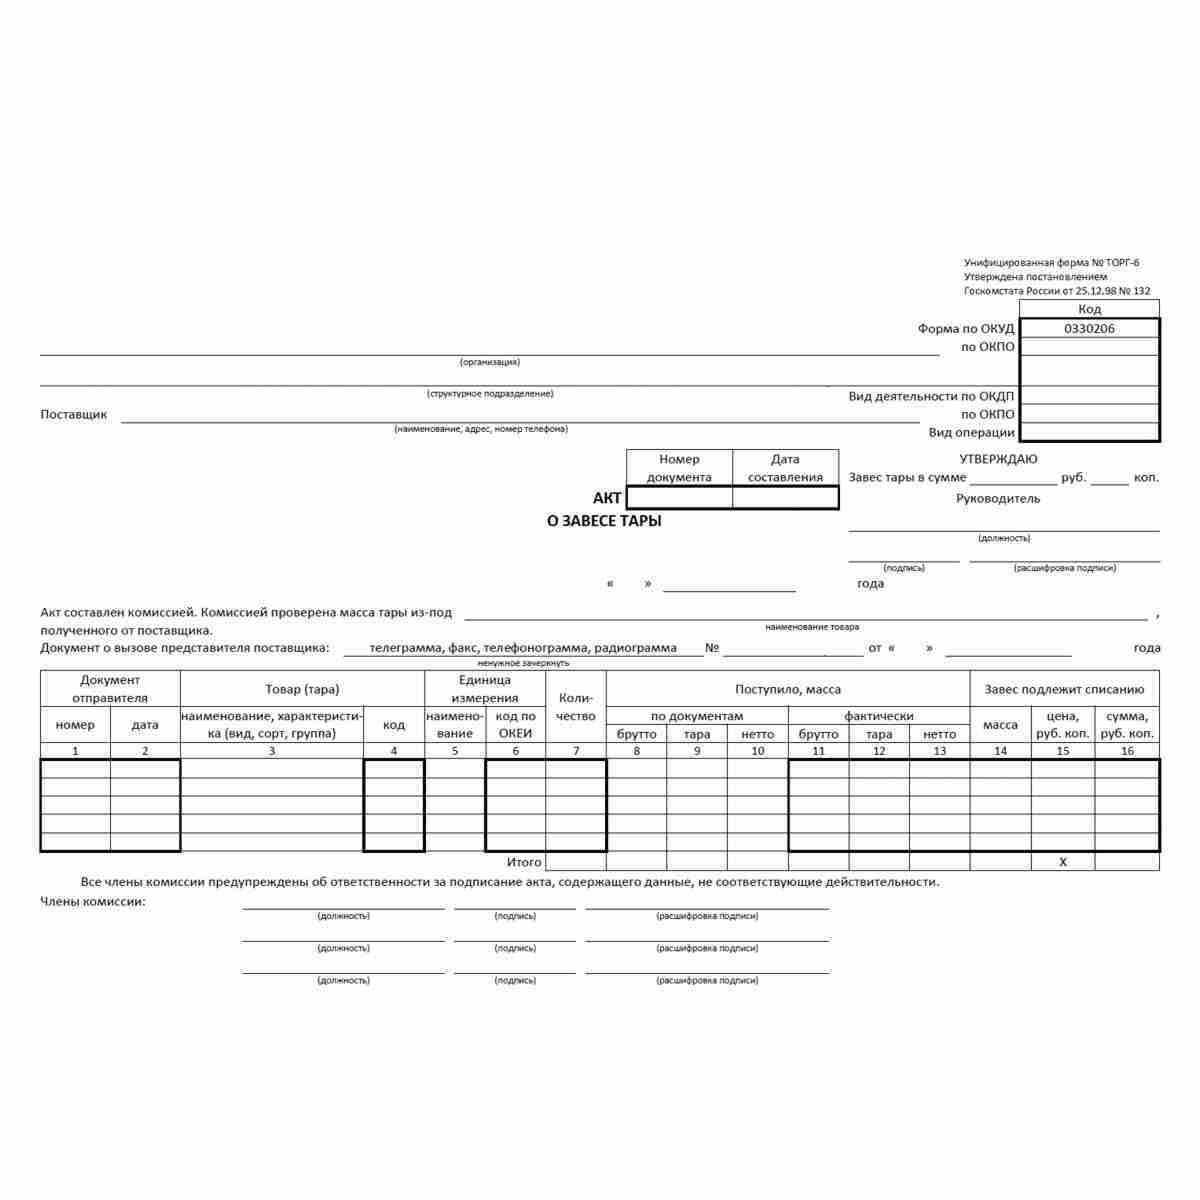 """Унифицированная форма первичной учетной документации №ТОРГ-6 """"Акт о завесе тары"""" (ОКУД 0330206)"""